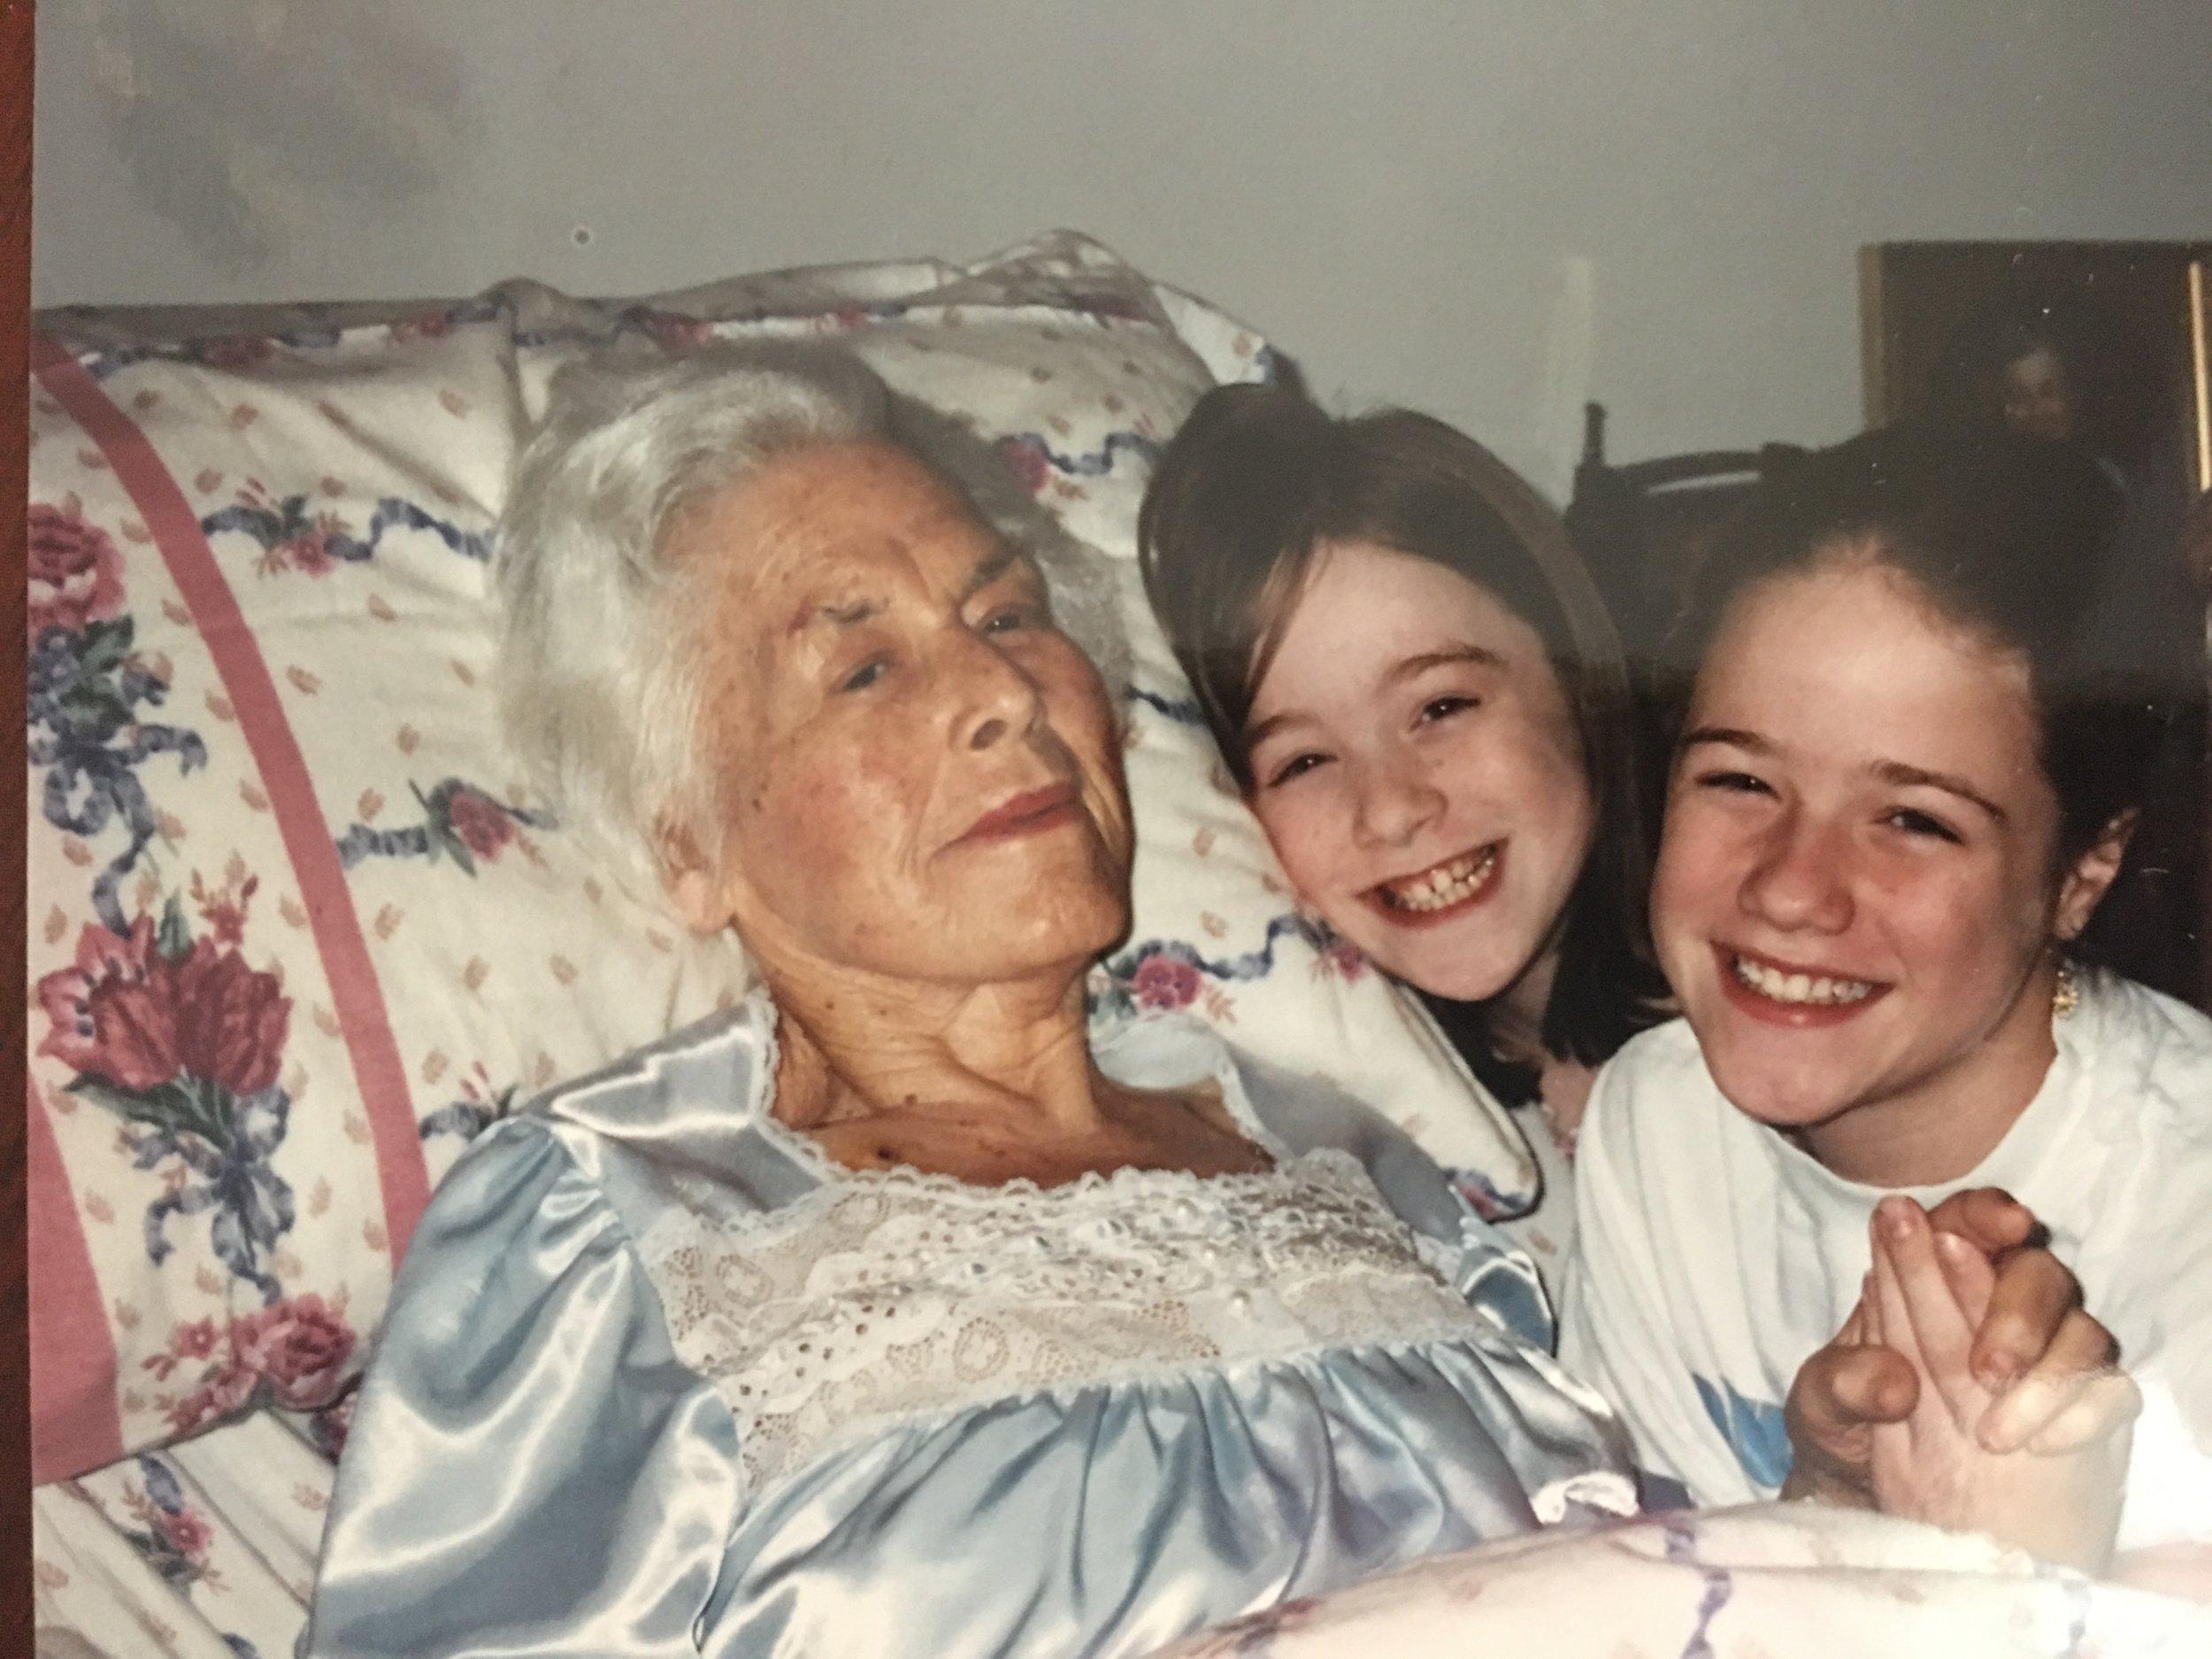 Nana, Sarah, and me.